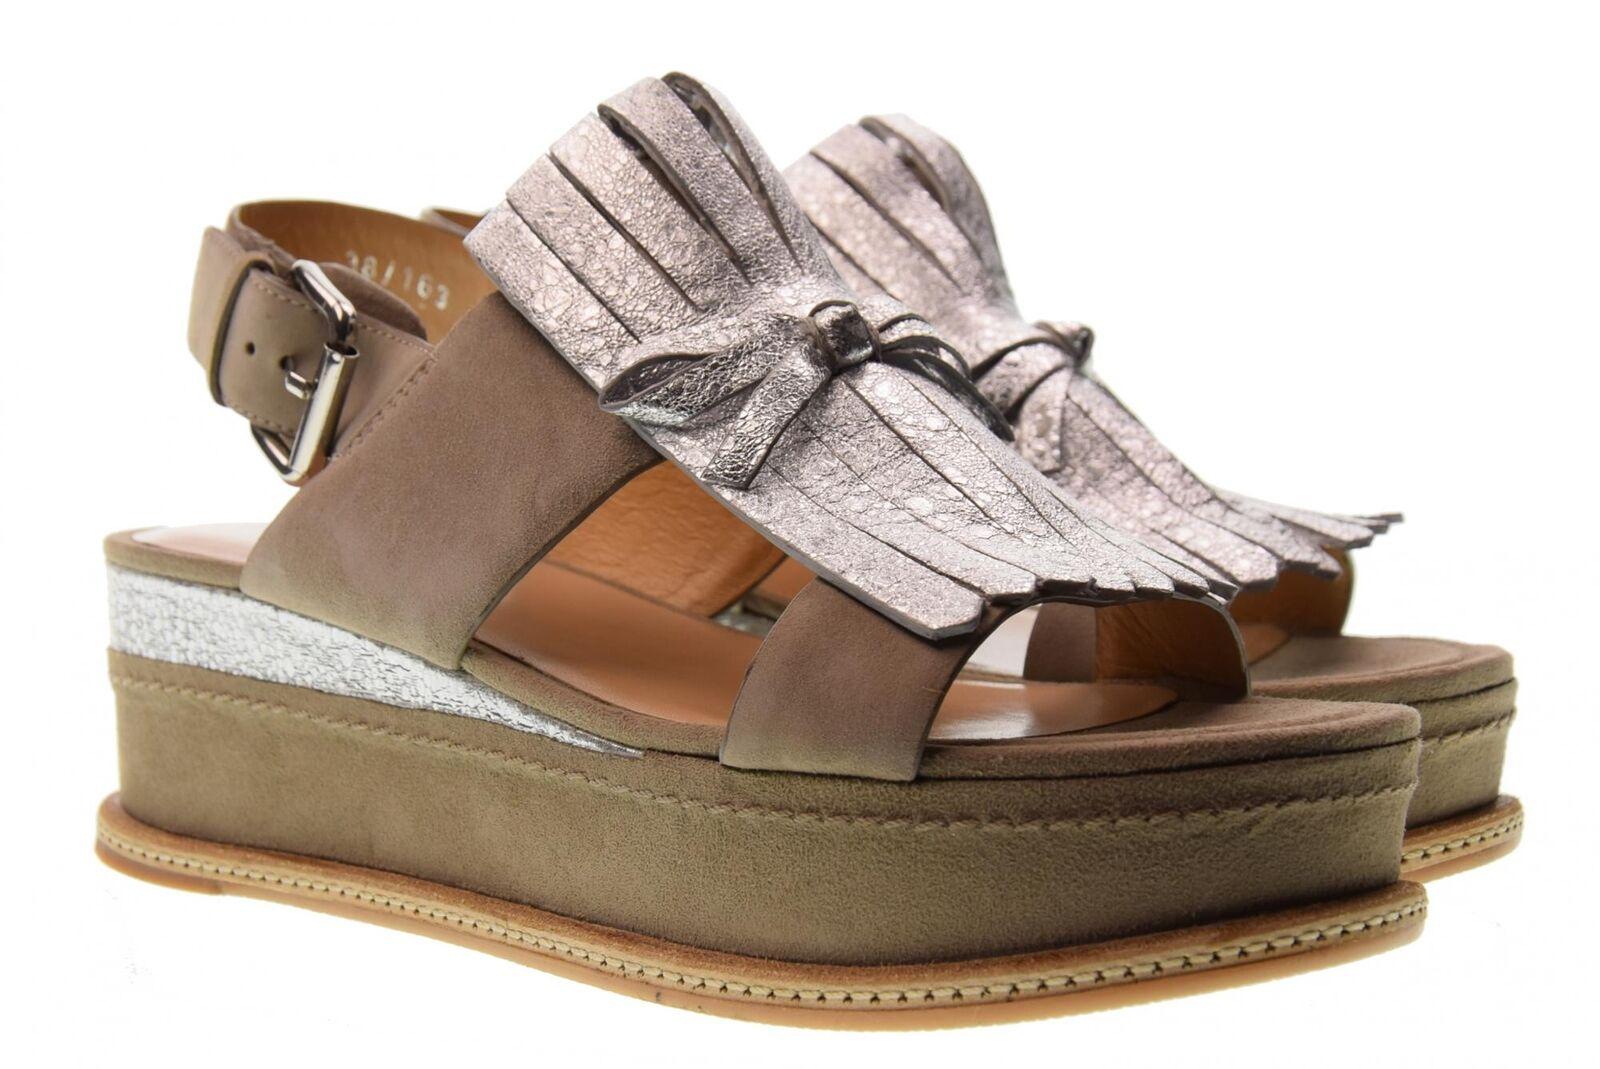 Adele Dezotti scarpe donna sandali con piattaforma P0700N ARGENTO/SABBIA P18